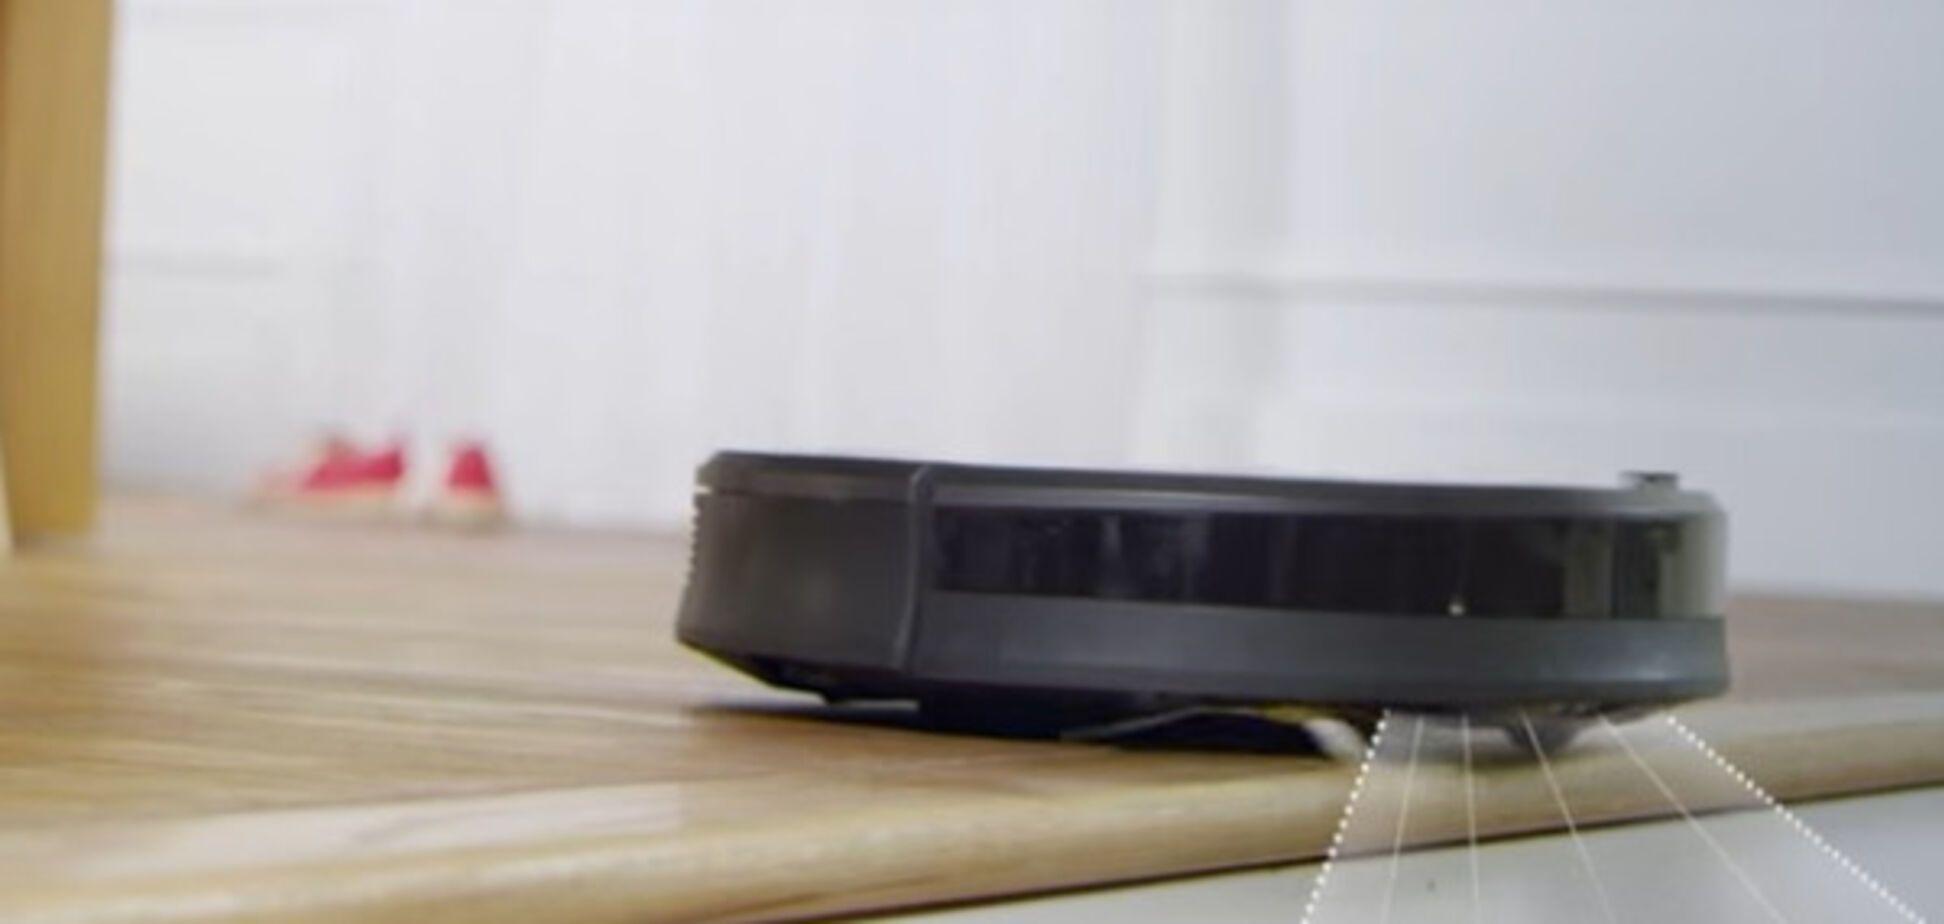 В магазине HomeRobot появился новый пылесос iRobot Roomba